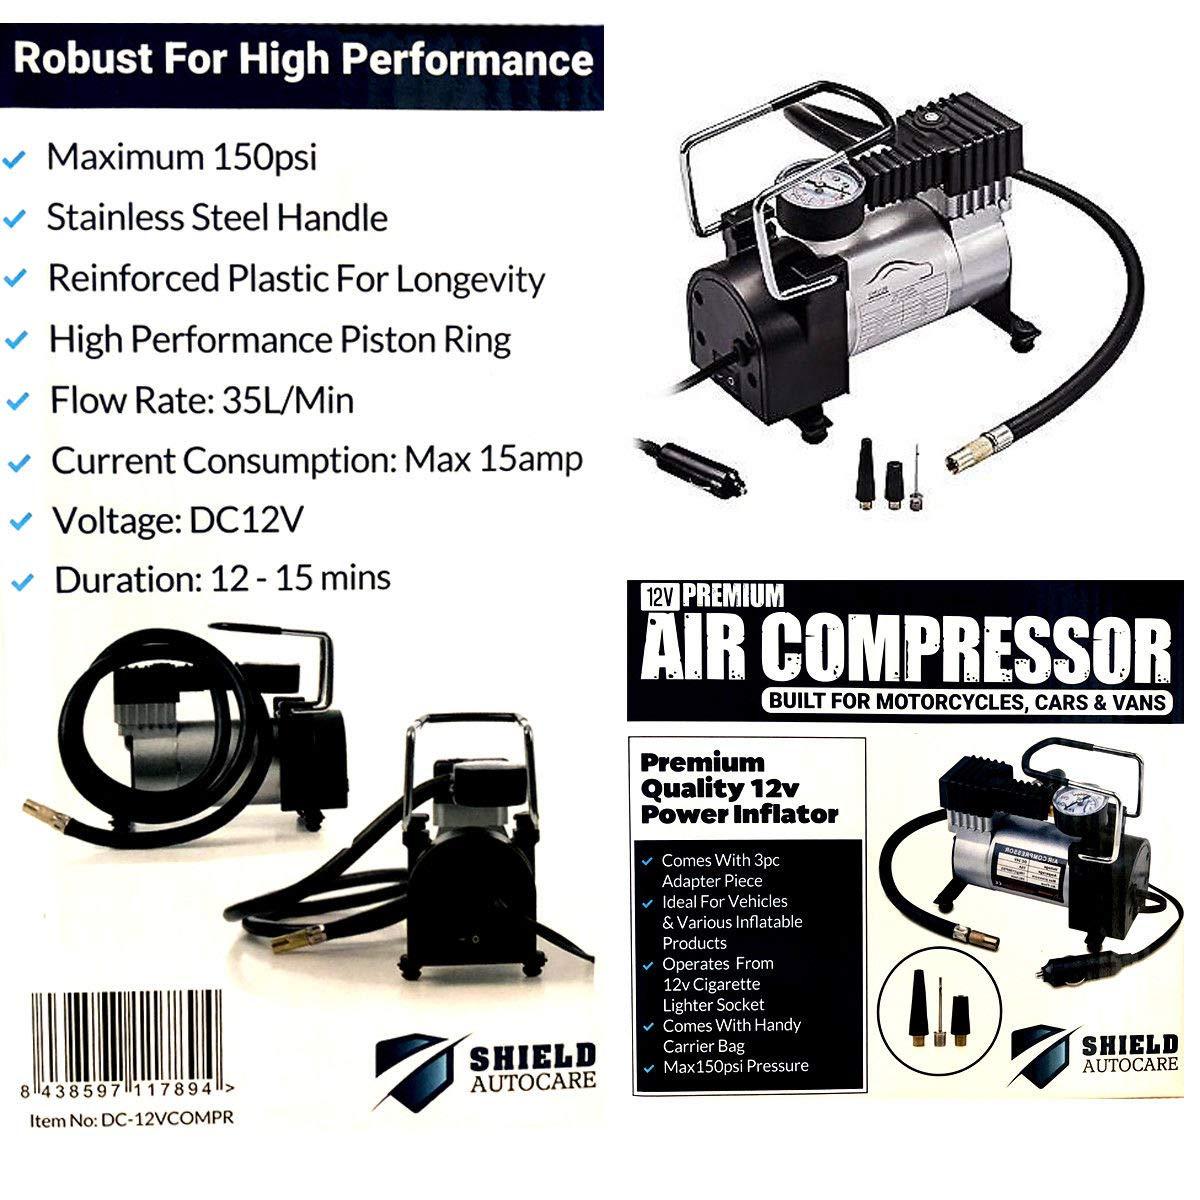 Shield Autocare DC-12V-COMPRDC - Compresor de aire de alta resistencia: Amazon.es: Coche y moto